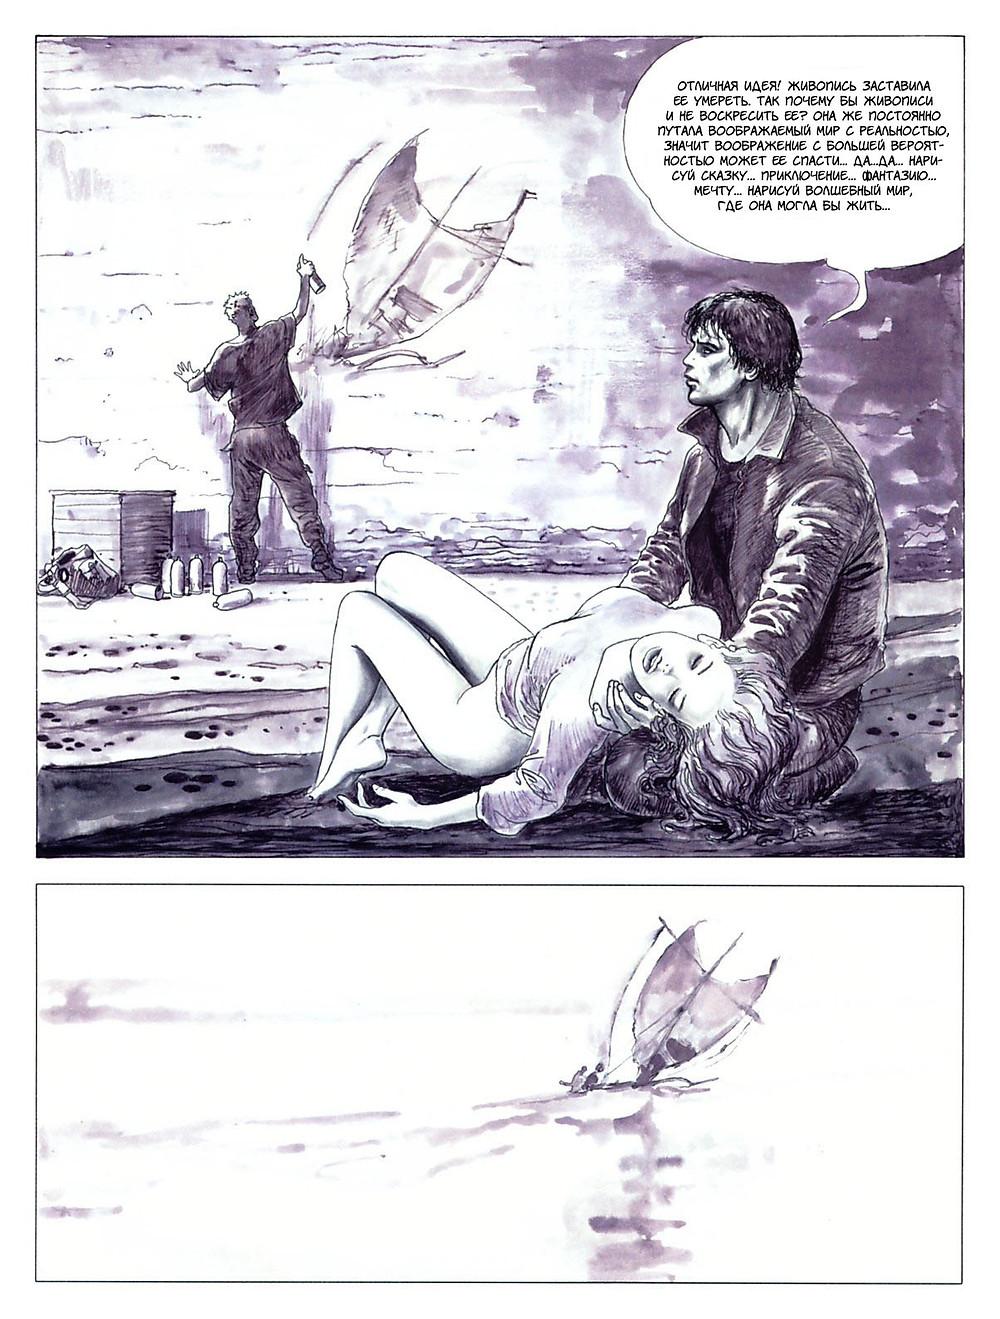 Эротический Комикс на русском. Мило Манара. Увидеть Звезды. стр.54